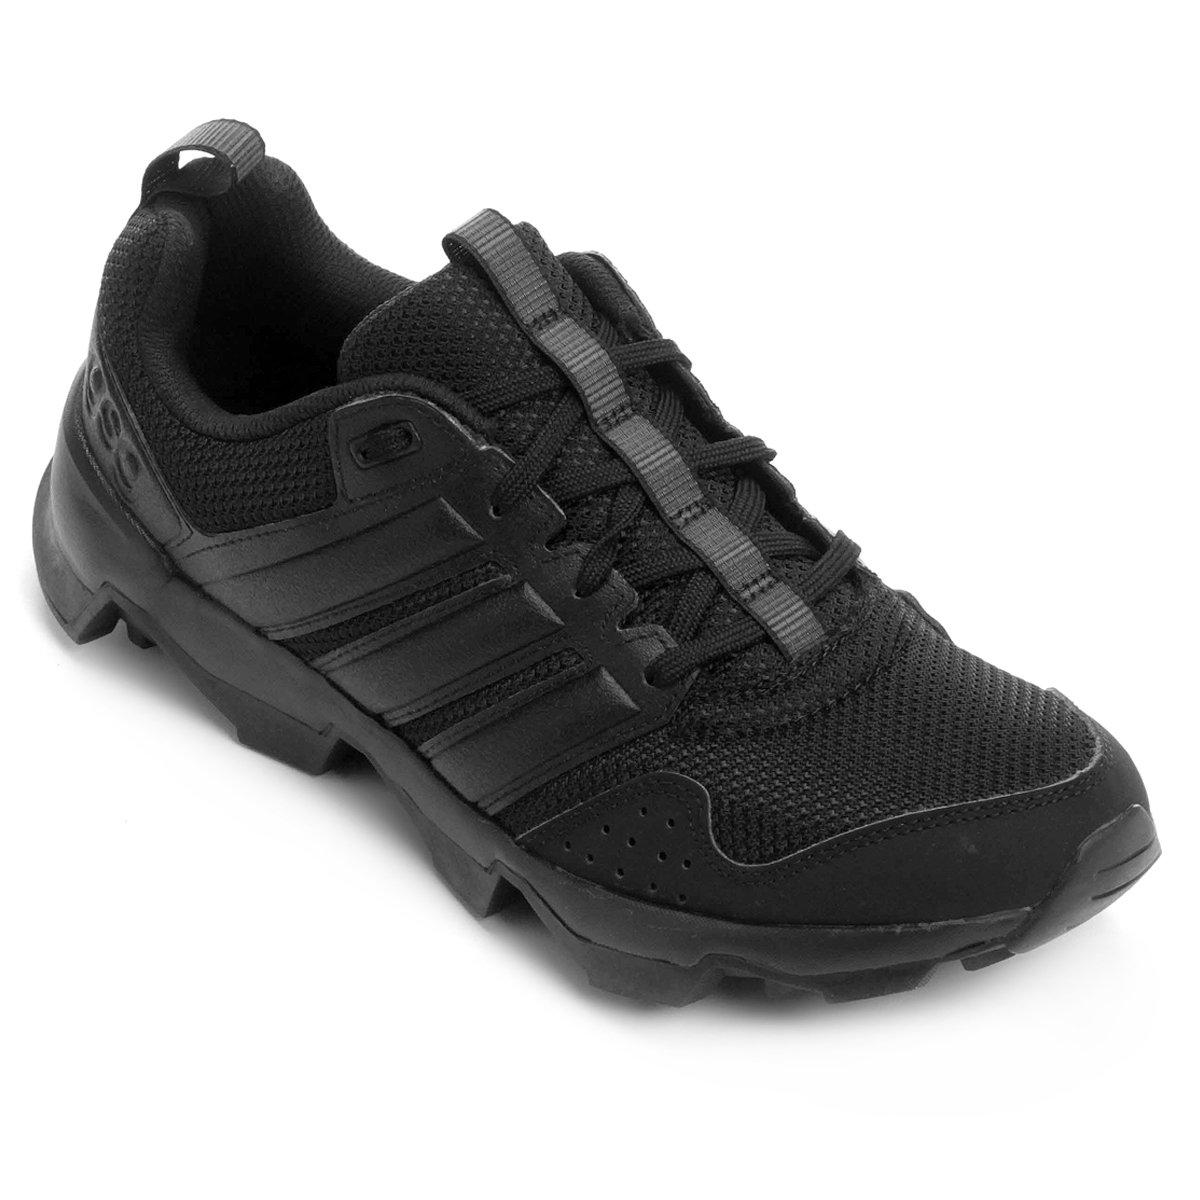 Tênis Adidas Gsg9 Tr Preto